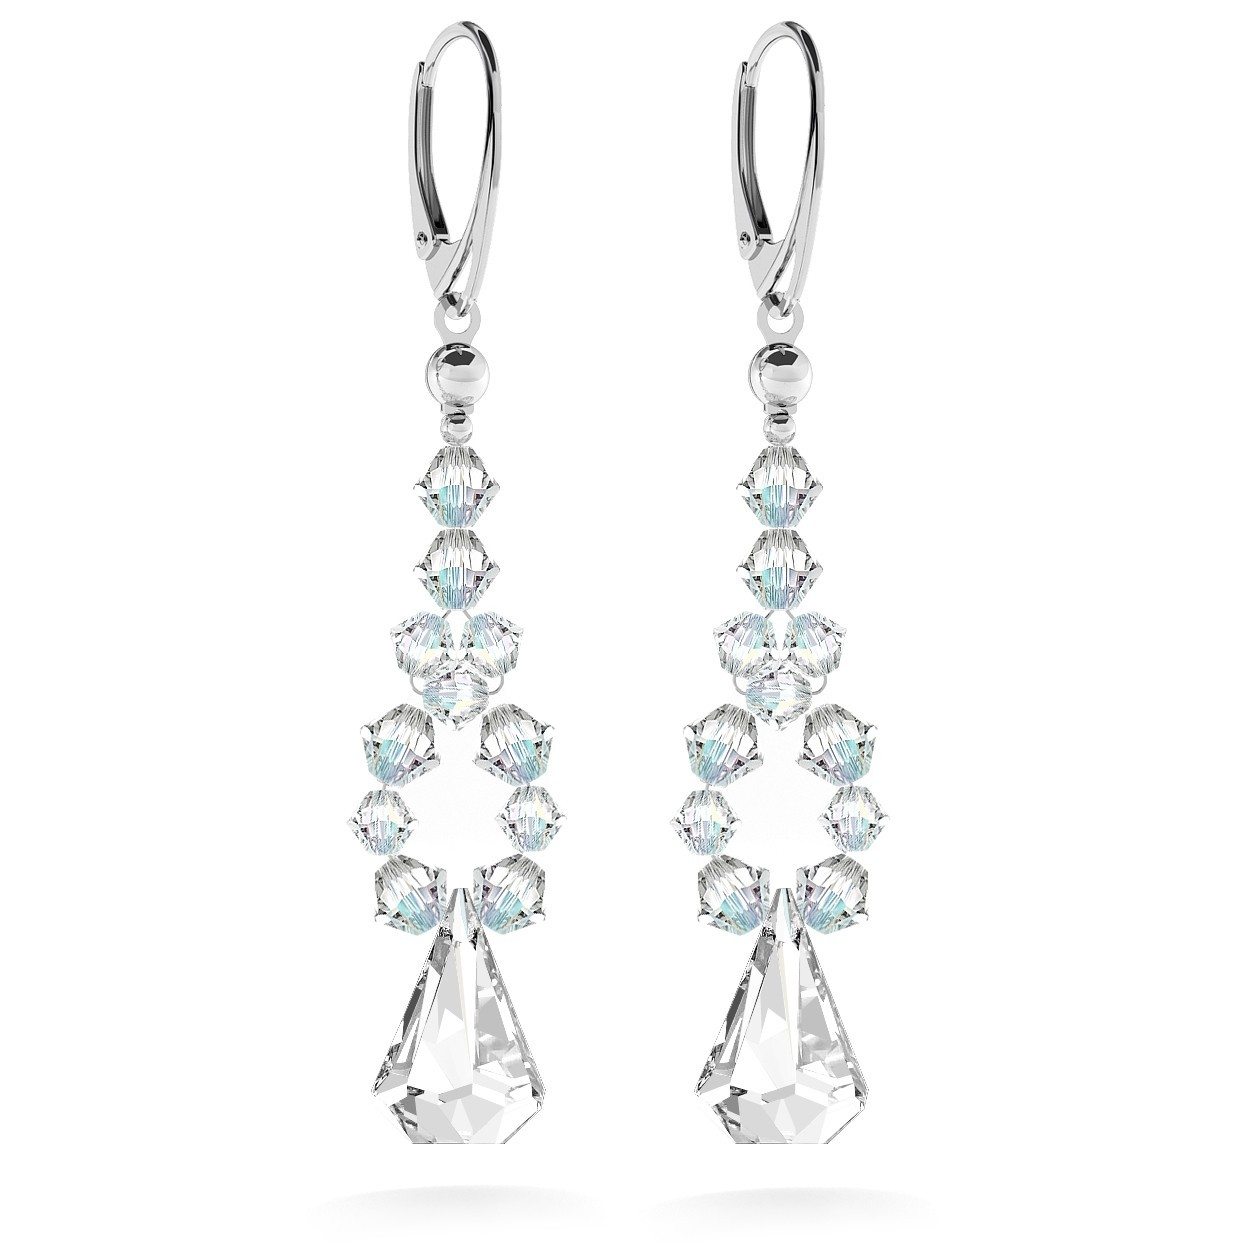 Ohrringe mit Swarovski Crystals, Hochzeitsschmuck - MODEL 1